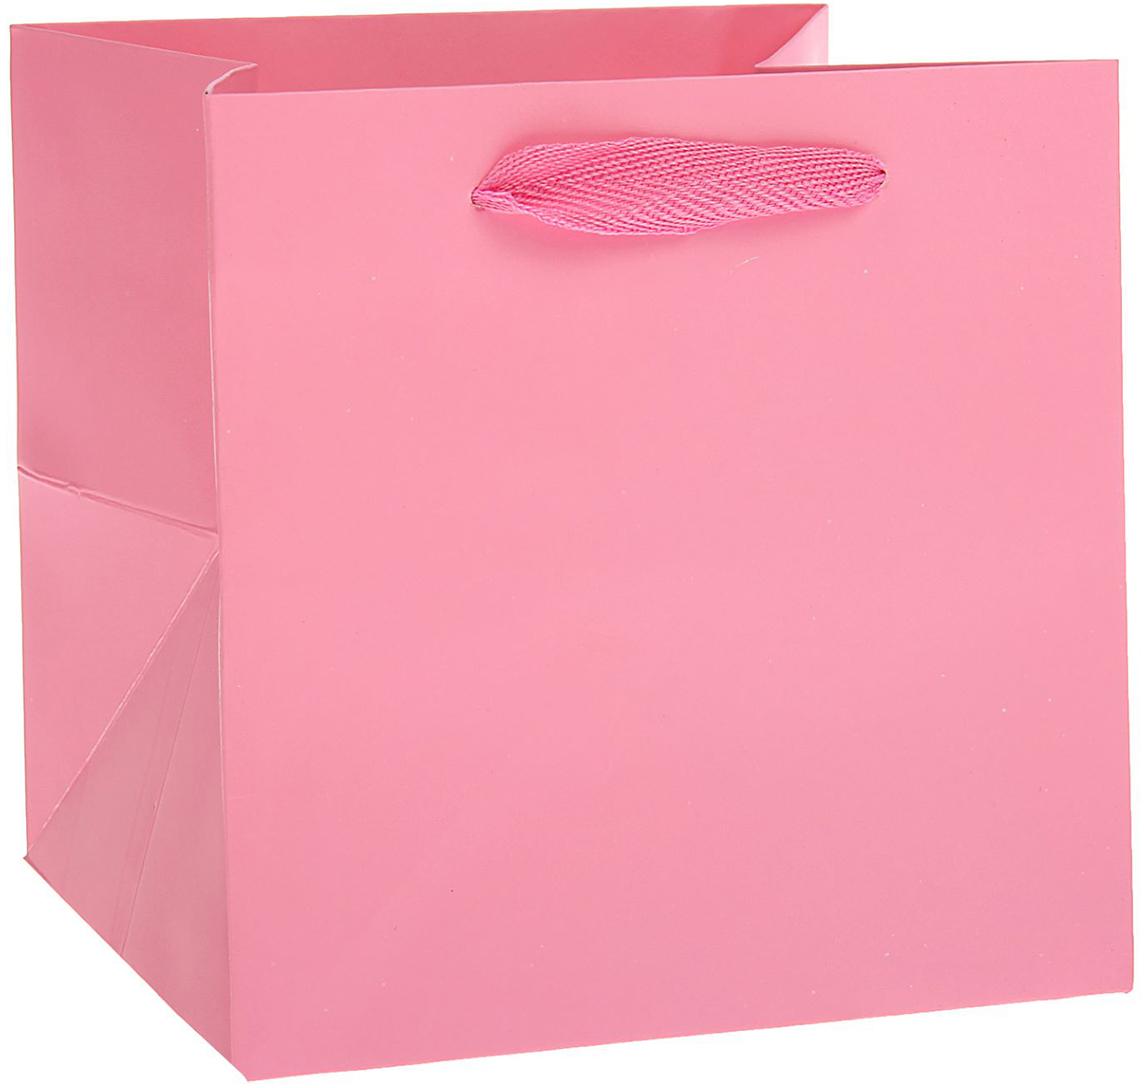 Пакет подарочный, цвет: розовый, 30 х 30 х 30 см. 15372681537268Любой подарок начинается с упаковки. Что может быть трогательнее и волшебнее, чем ритуал разворачивания полученного презента. И именно оригинальная, со вкусом выбранная упаковка выделит ваш подарок из массы других. Она продемонстрирует самые теплые чувства к виновнику торжества и создаст сказочную атмосферу праздника. Пакет ламинированный - это то, что вы искали.